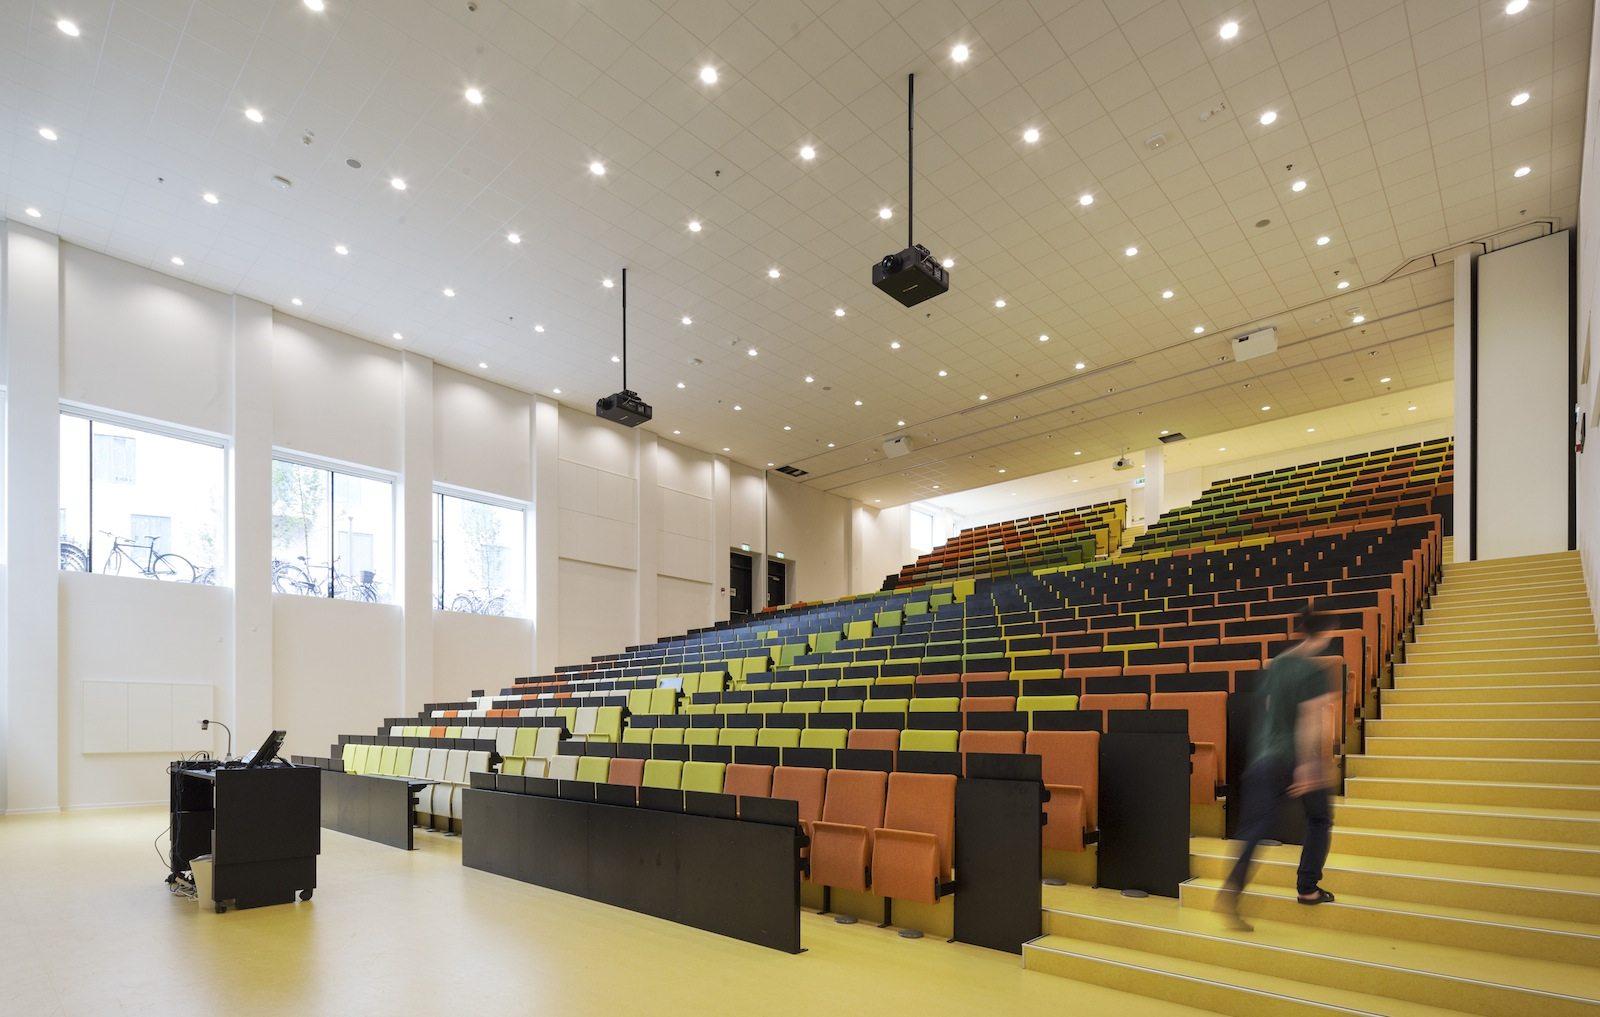 VIA University College Aarhus. Kompetenz und Wissen sollen sich, so die Planer, durch Nähe, Identität, Flexibilität und Professionalität entwickeln, gespiegelt durch die Achsen, Überlappungen und Transparenz der einzelnen Gebäudeteile.